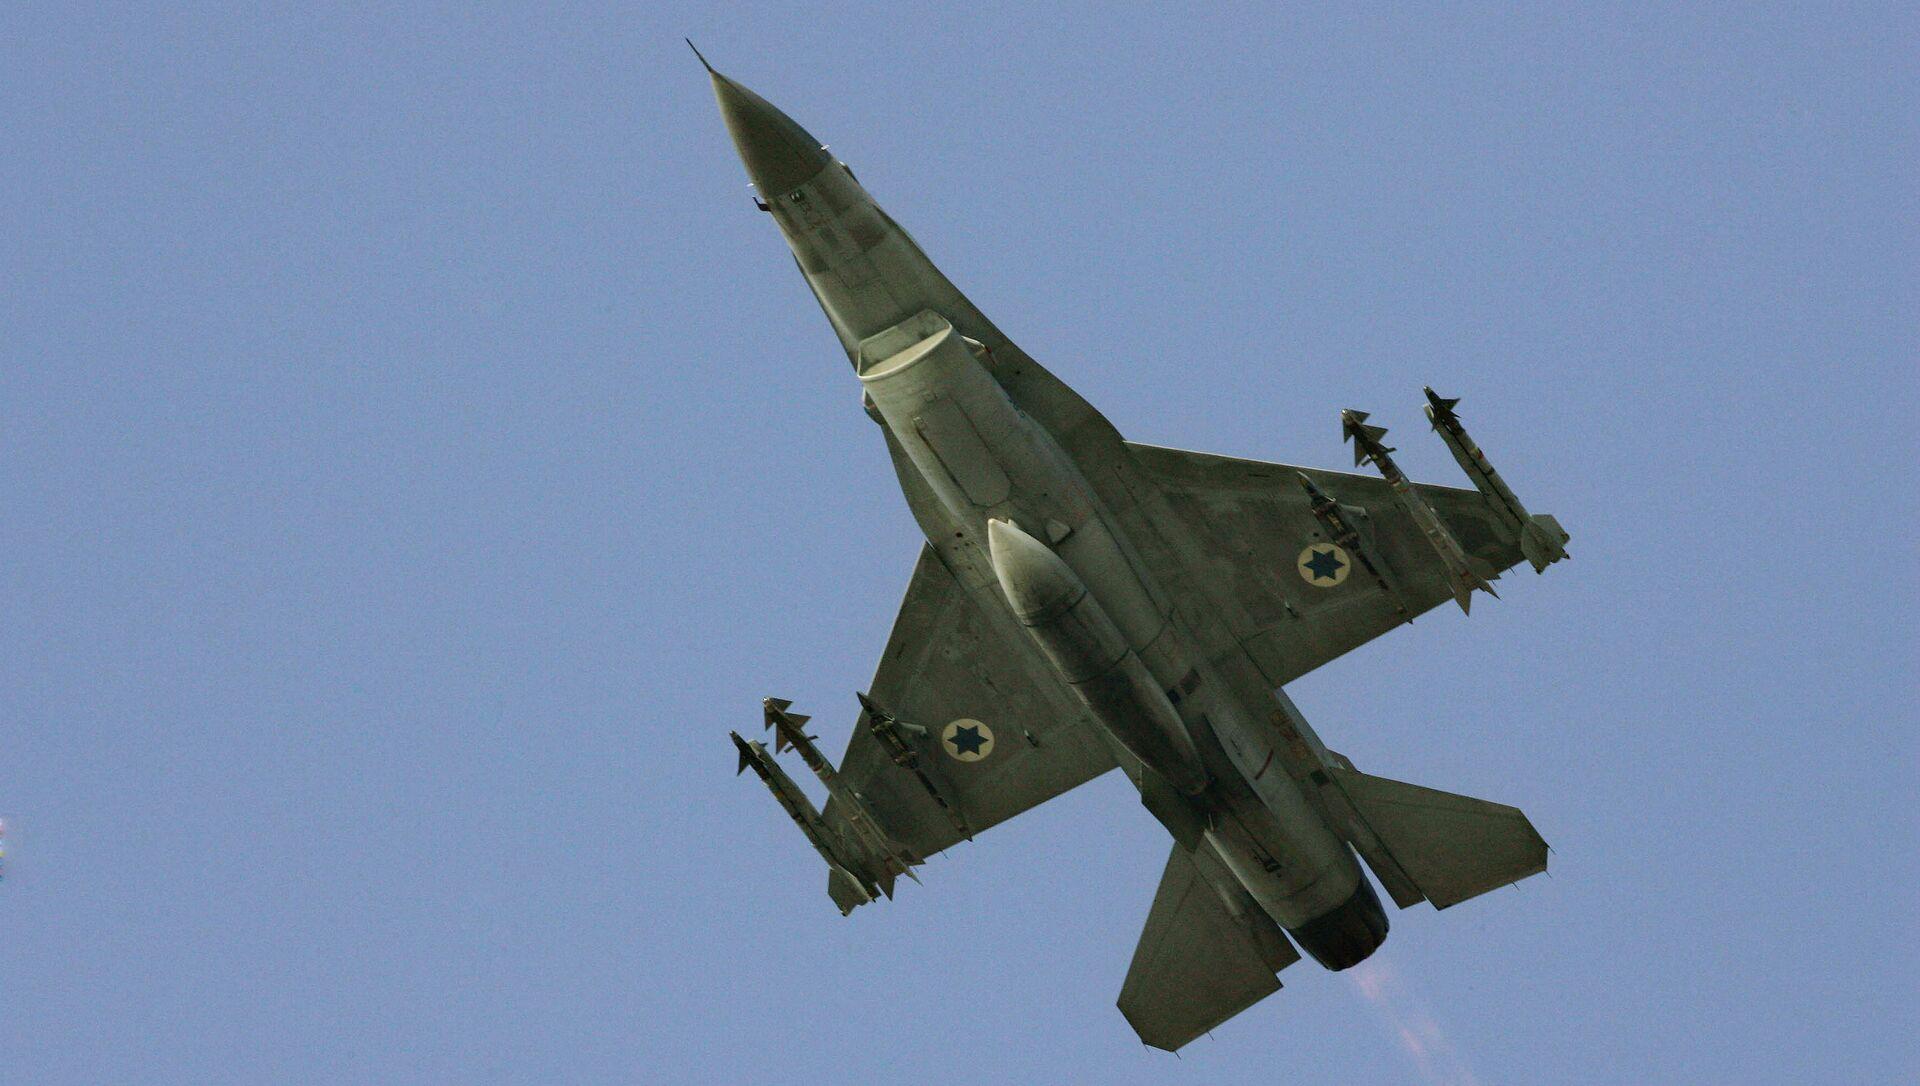 Caccia F16 delle forze armate israeliane - Sputnik Italia, 1920, 23.04.2021